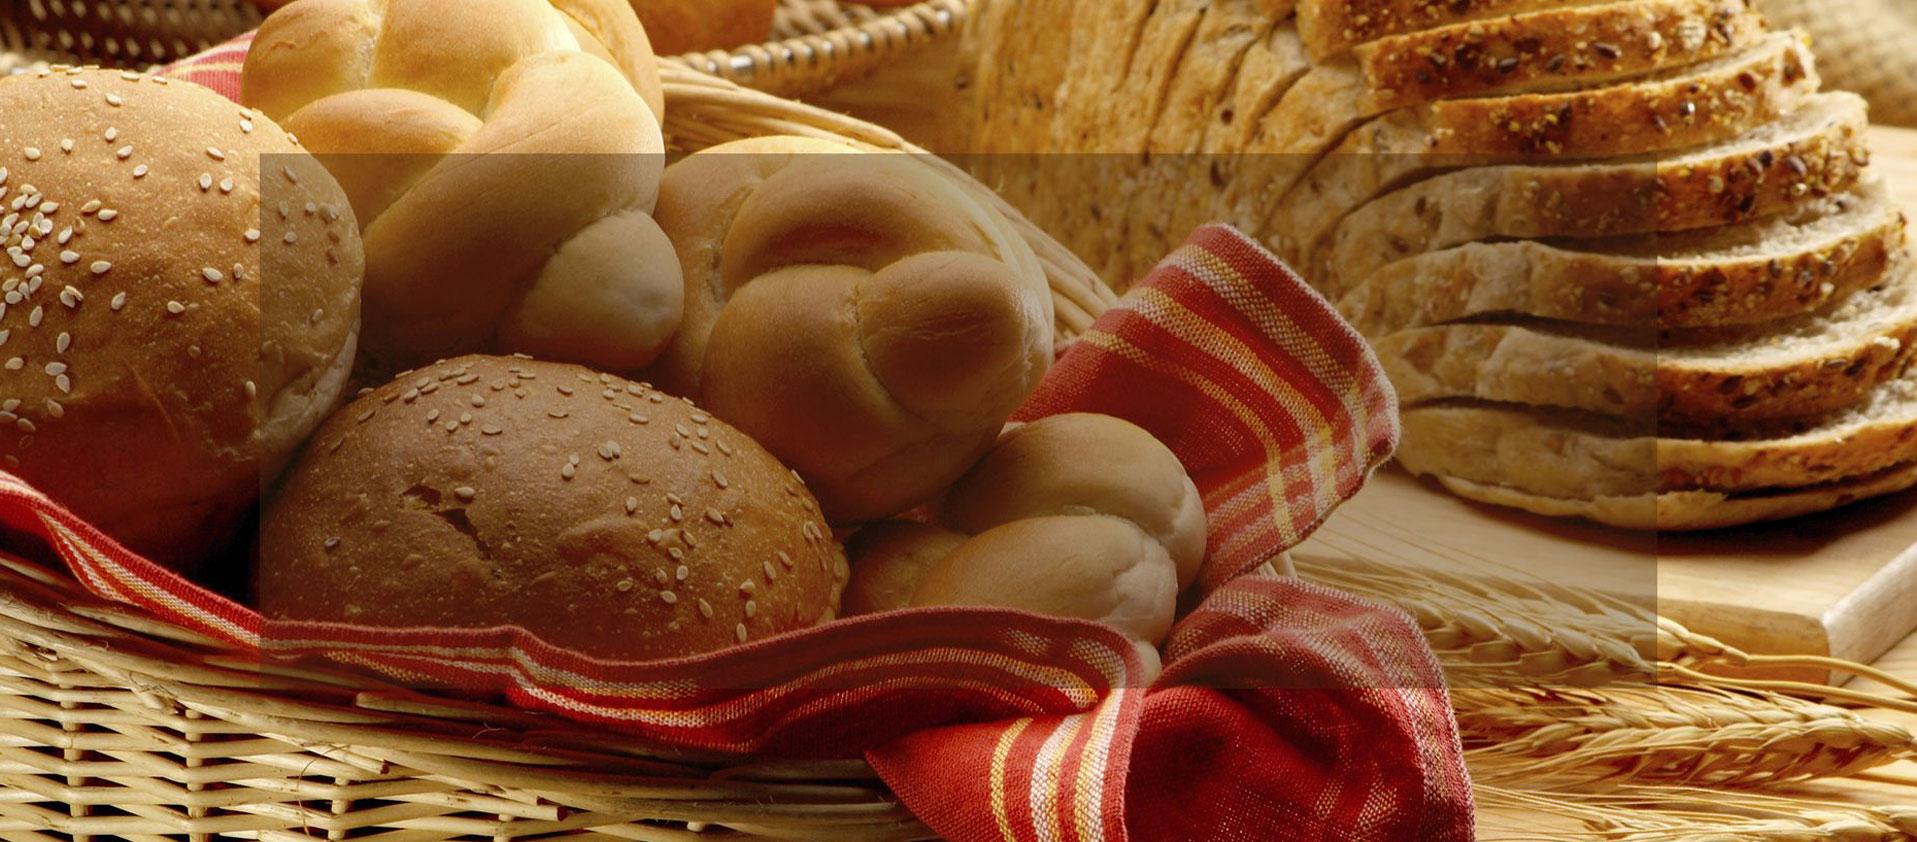 Leoncini Pasticceria Produzione artigianale pane e specialità da forno